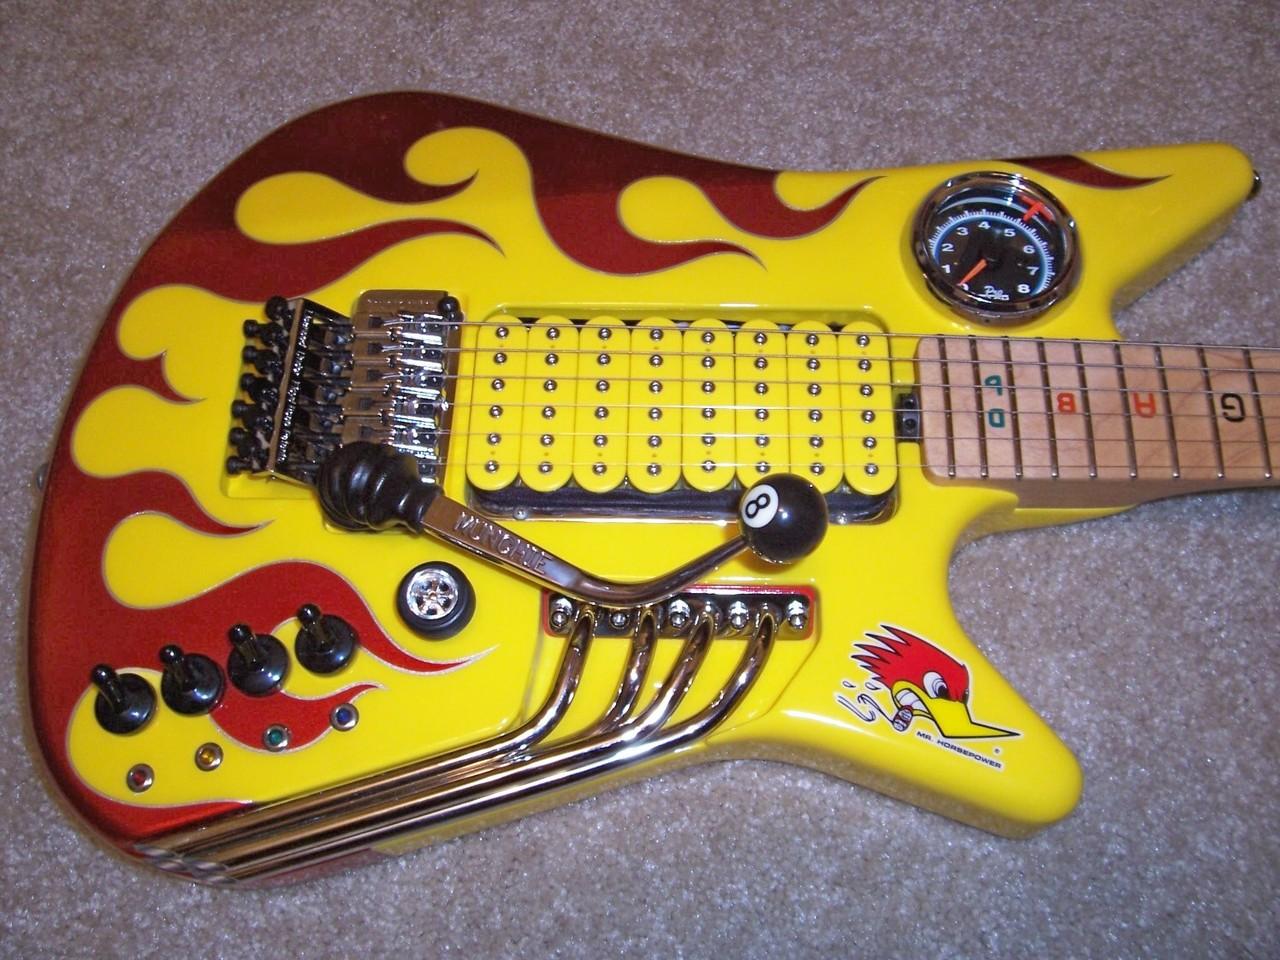 guitar review: Music man (Nigel Tufnel signature)